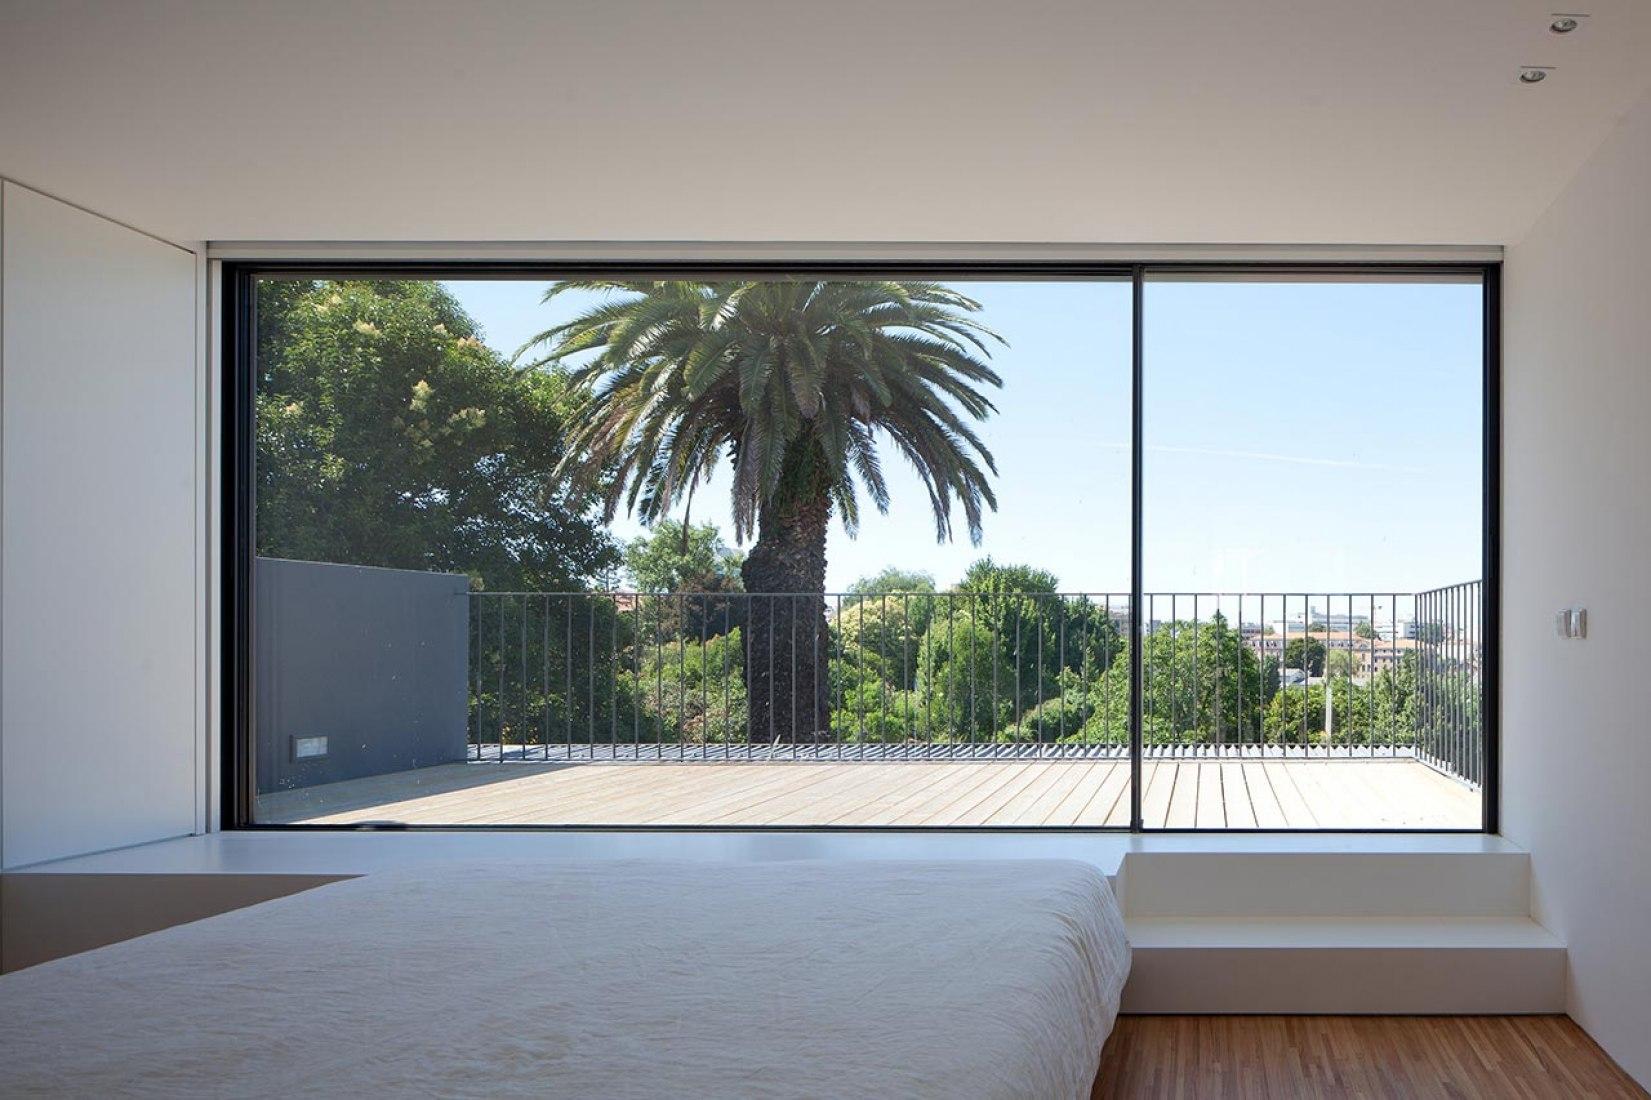 Vista de al terraza desde el interior. Casa da Maternidade por Pablo Pita. Fotografía © José Campos.